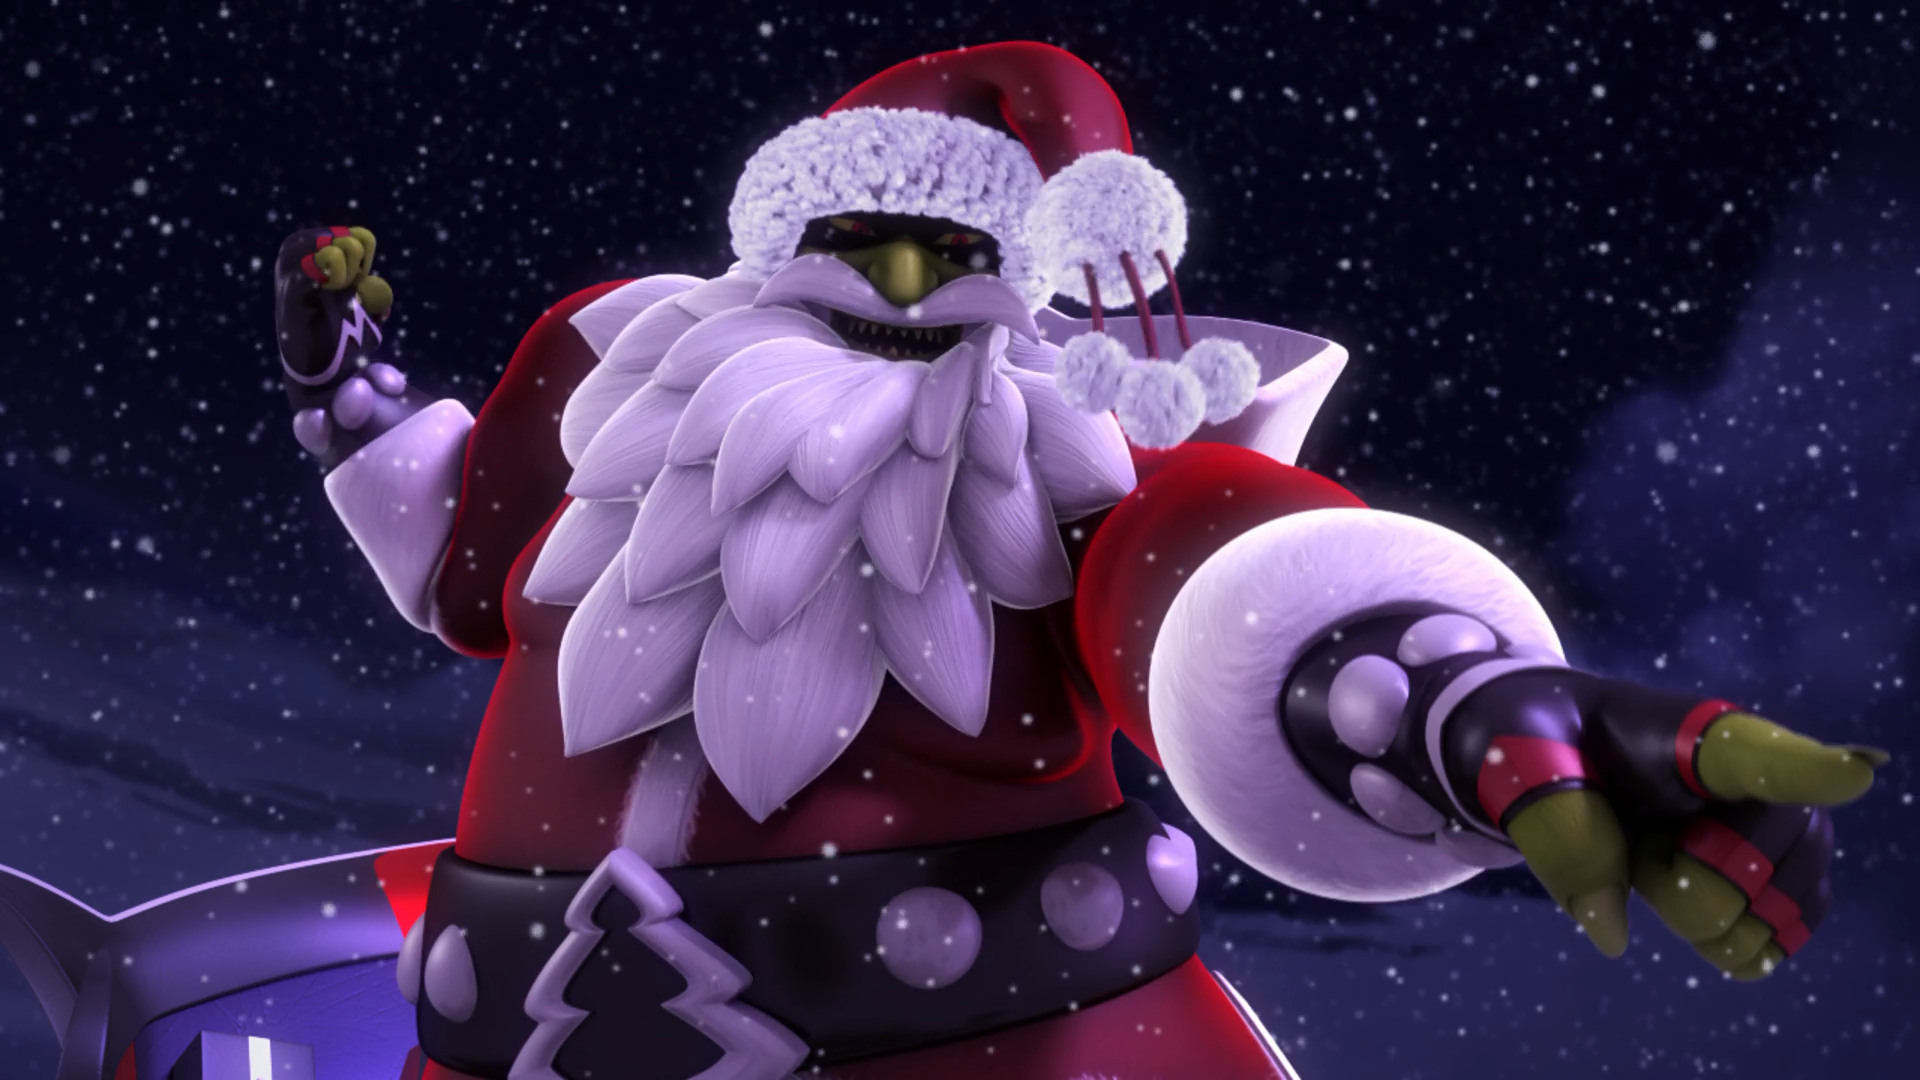 Bad Santa Claws